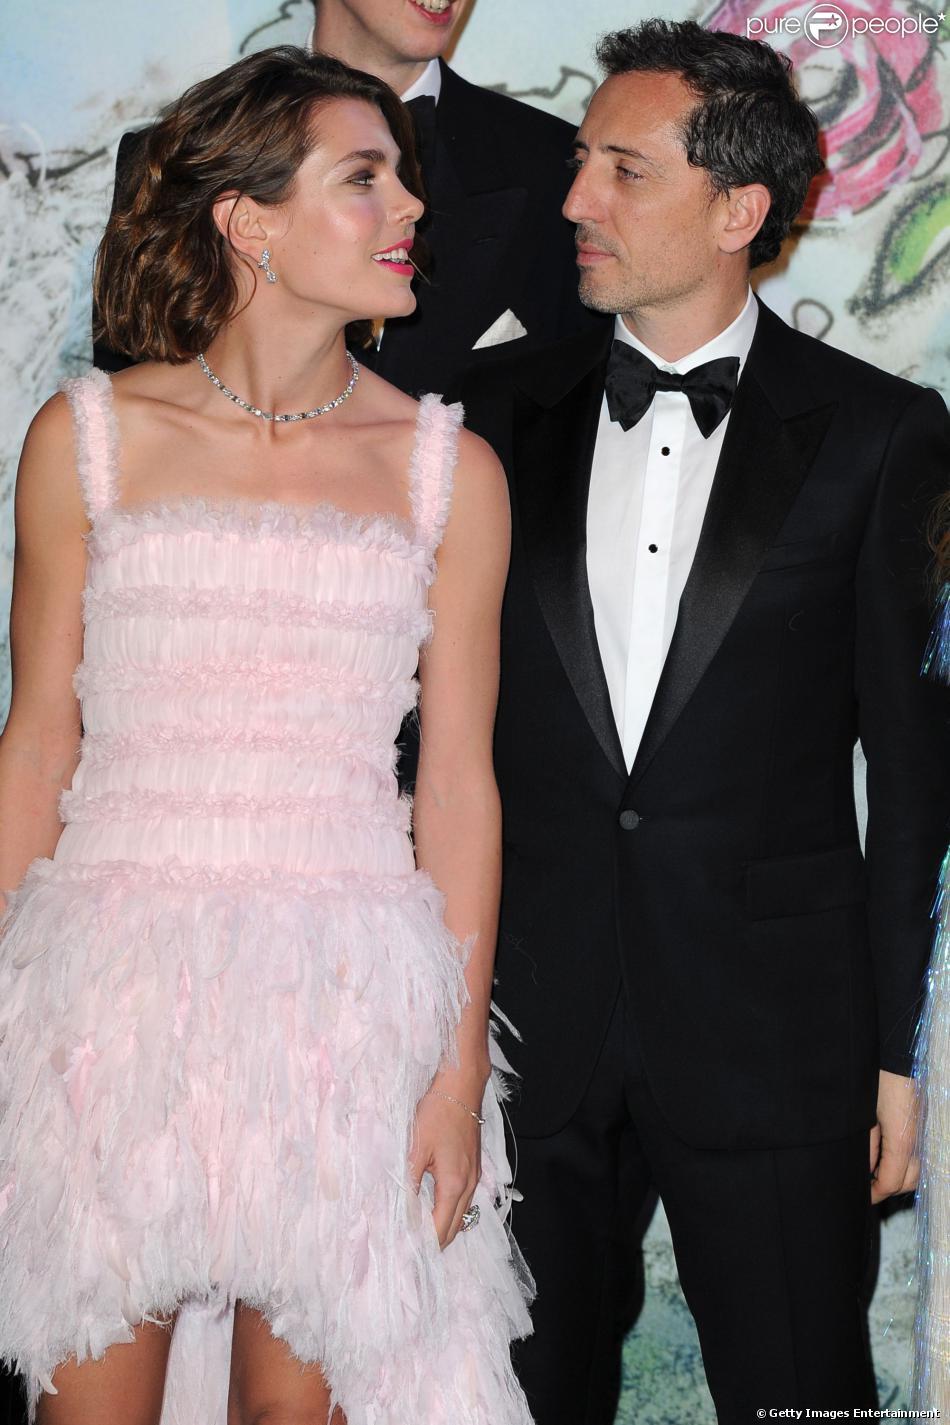 Charlotte Casiraghi et Gad Elmaleh, qui ont officialisé leur amour au Bal de la Rose en mars 2013 (photo), ont accueilli leur premier enfant, Raphaël, né au centre hospitalier Princesse Grace le 17 décembre 2013. Un enfant déjà star.